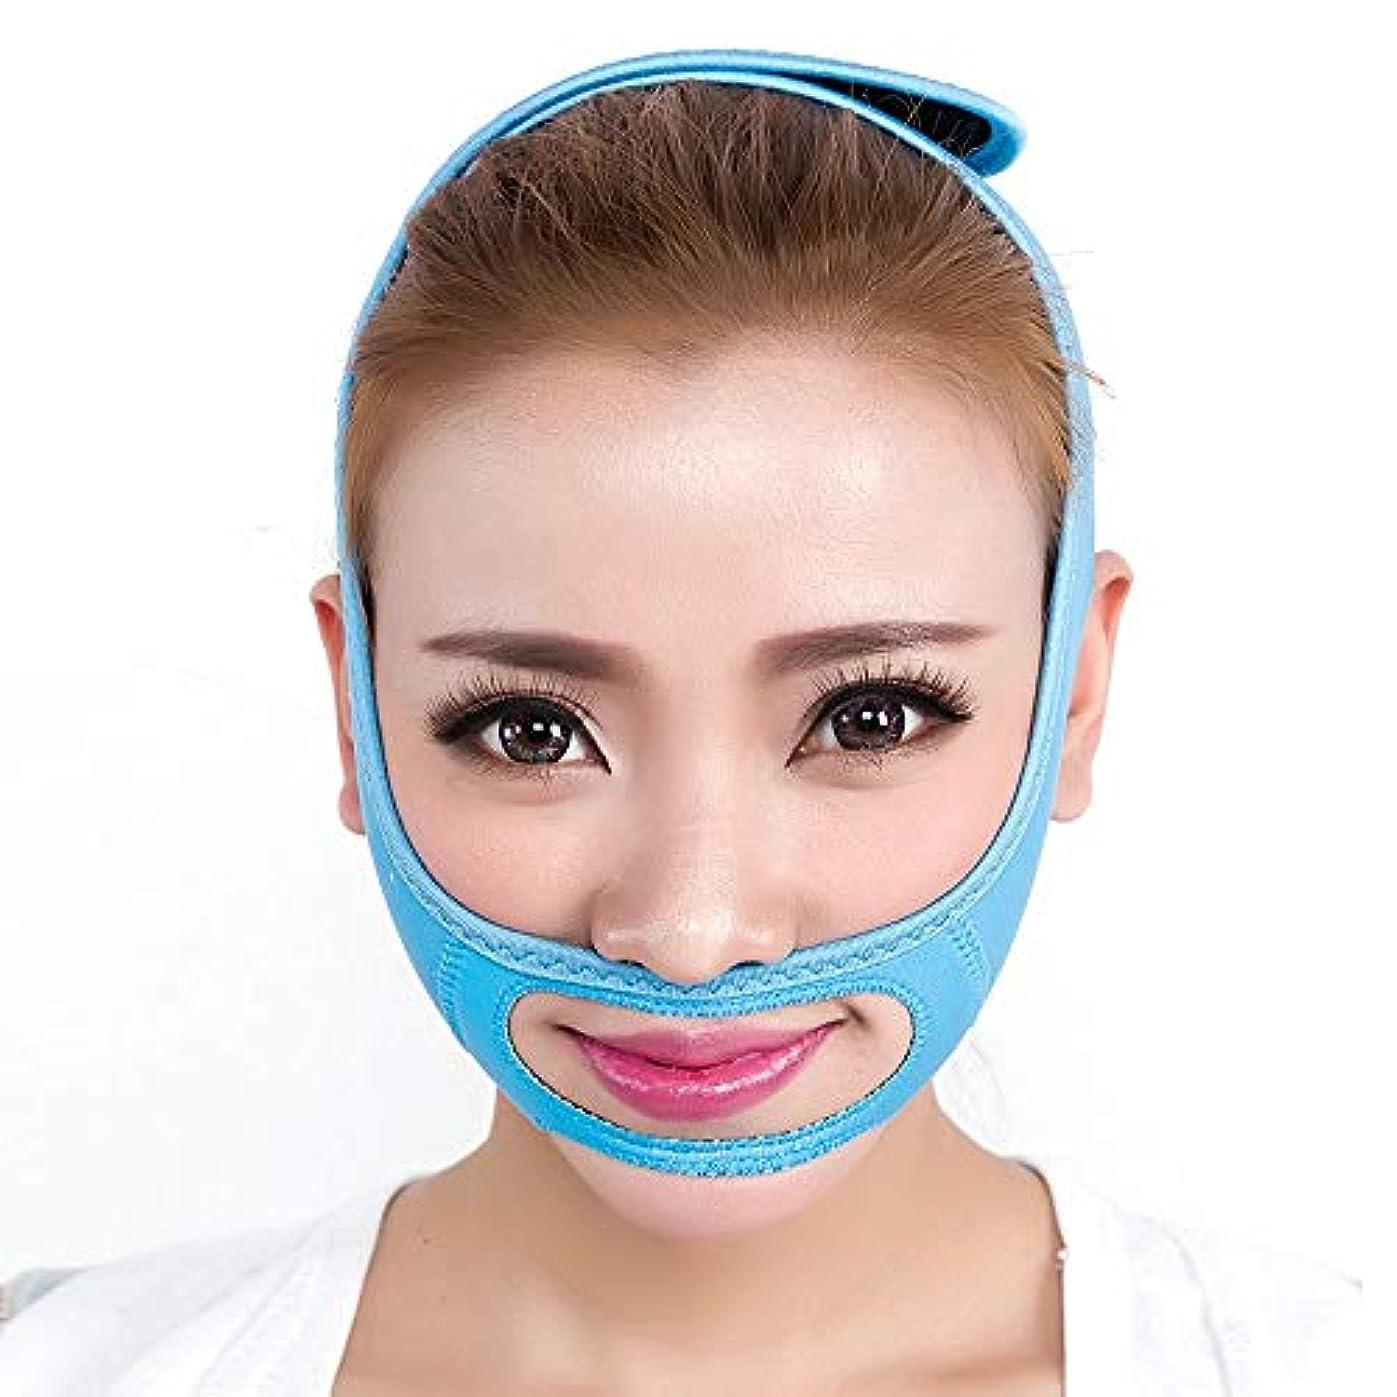 上院潜水艦ボーダーJia Jia- シンフェイスマスクシンフェイス包帯シンフェイスアーティファクトシンフェイスフェイシャルリフティングシンフェイススモールVフェイススリープシンフェイスベルト 顔面包帯 (色 : B)